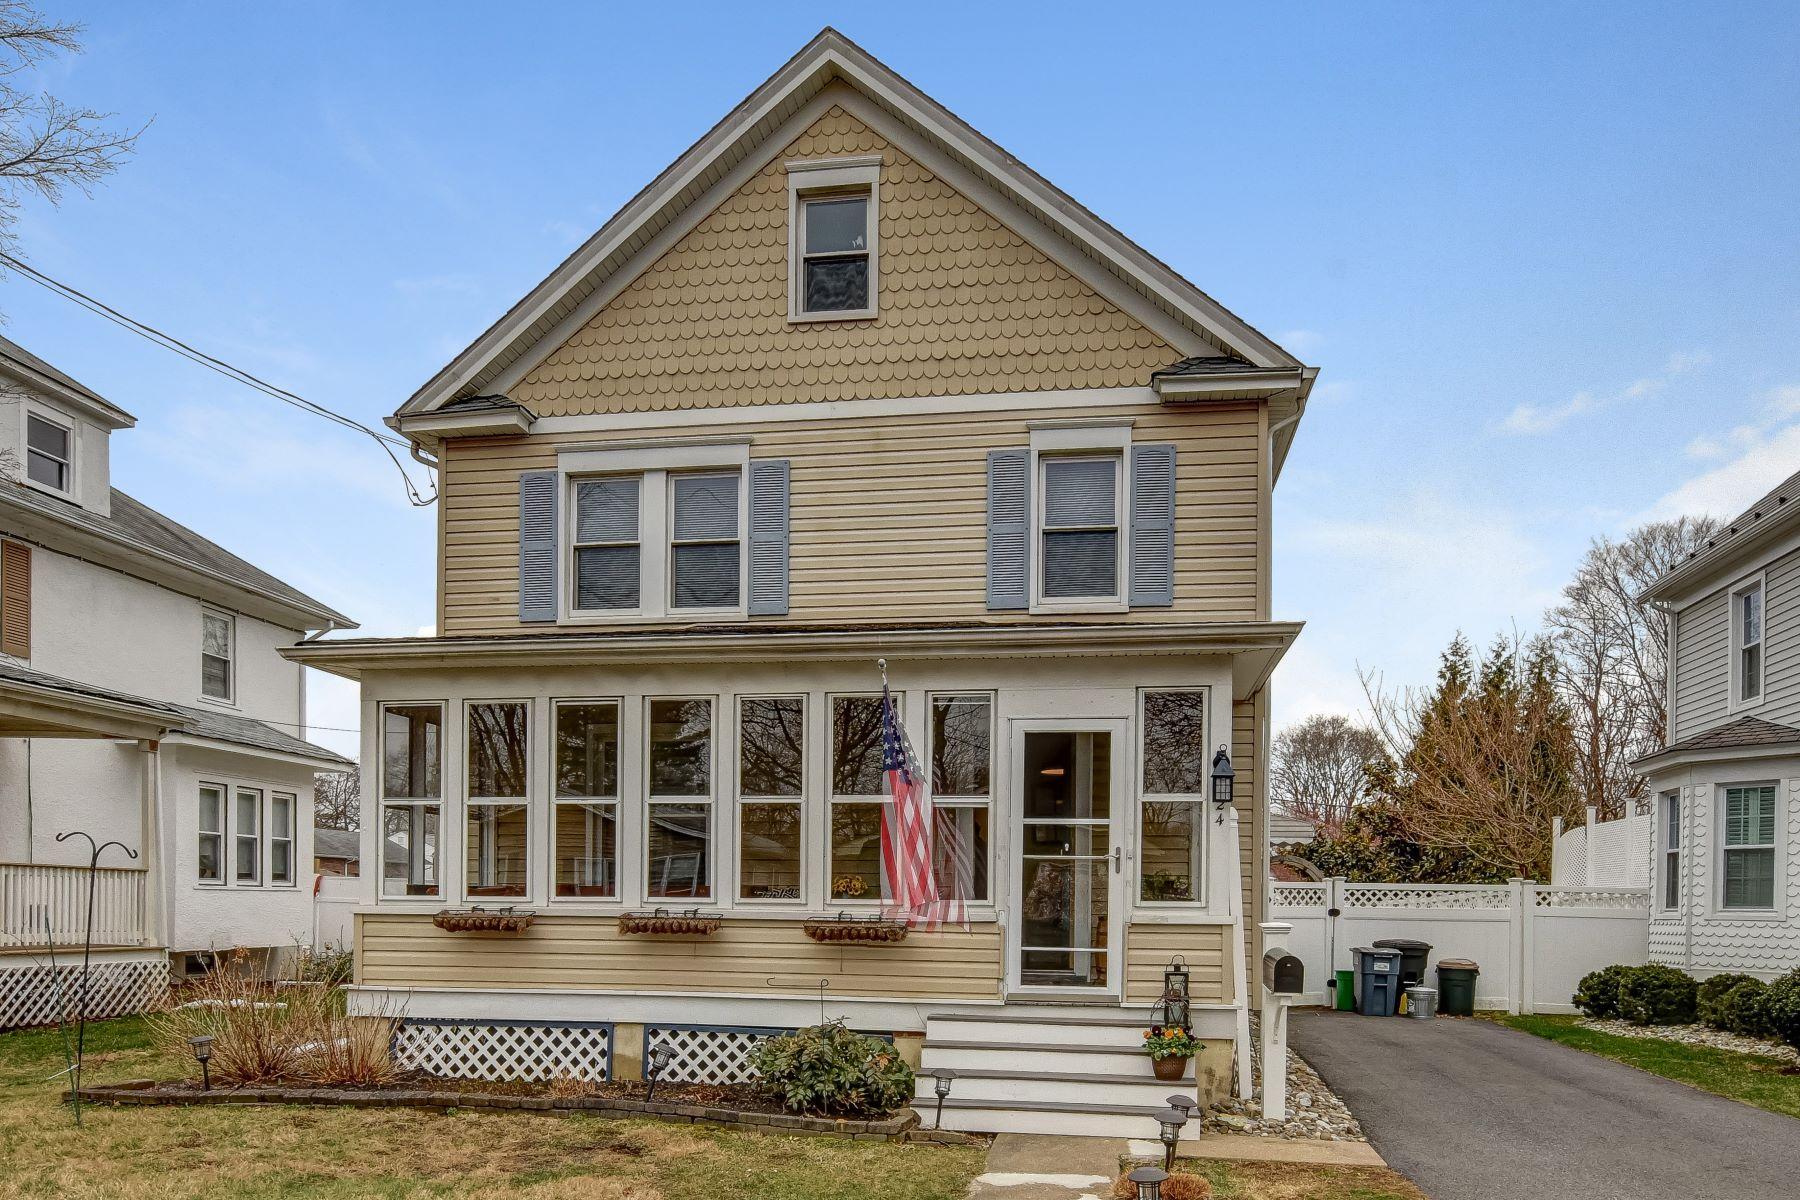 Moradia para Venda às Amazing Colonial Home 24 Franklin Place, Morris Plains, Nova Jersey 07950 Estados Unidos